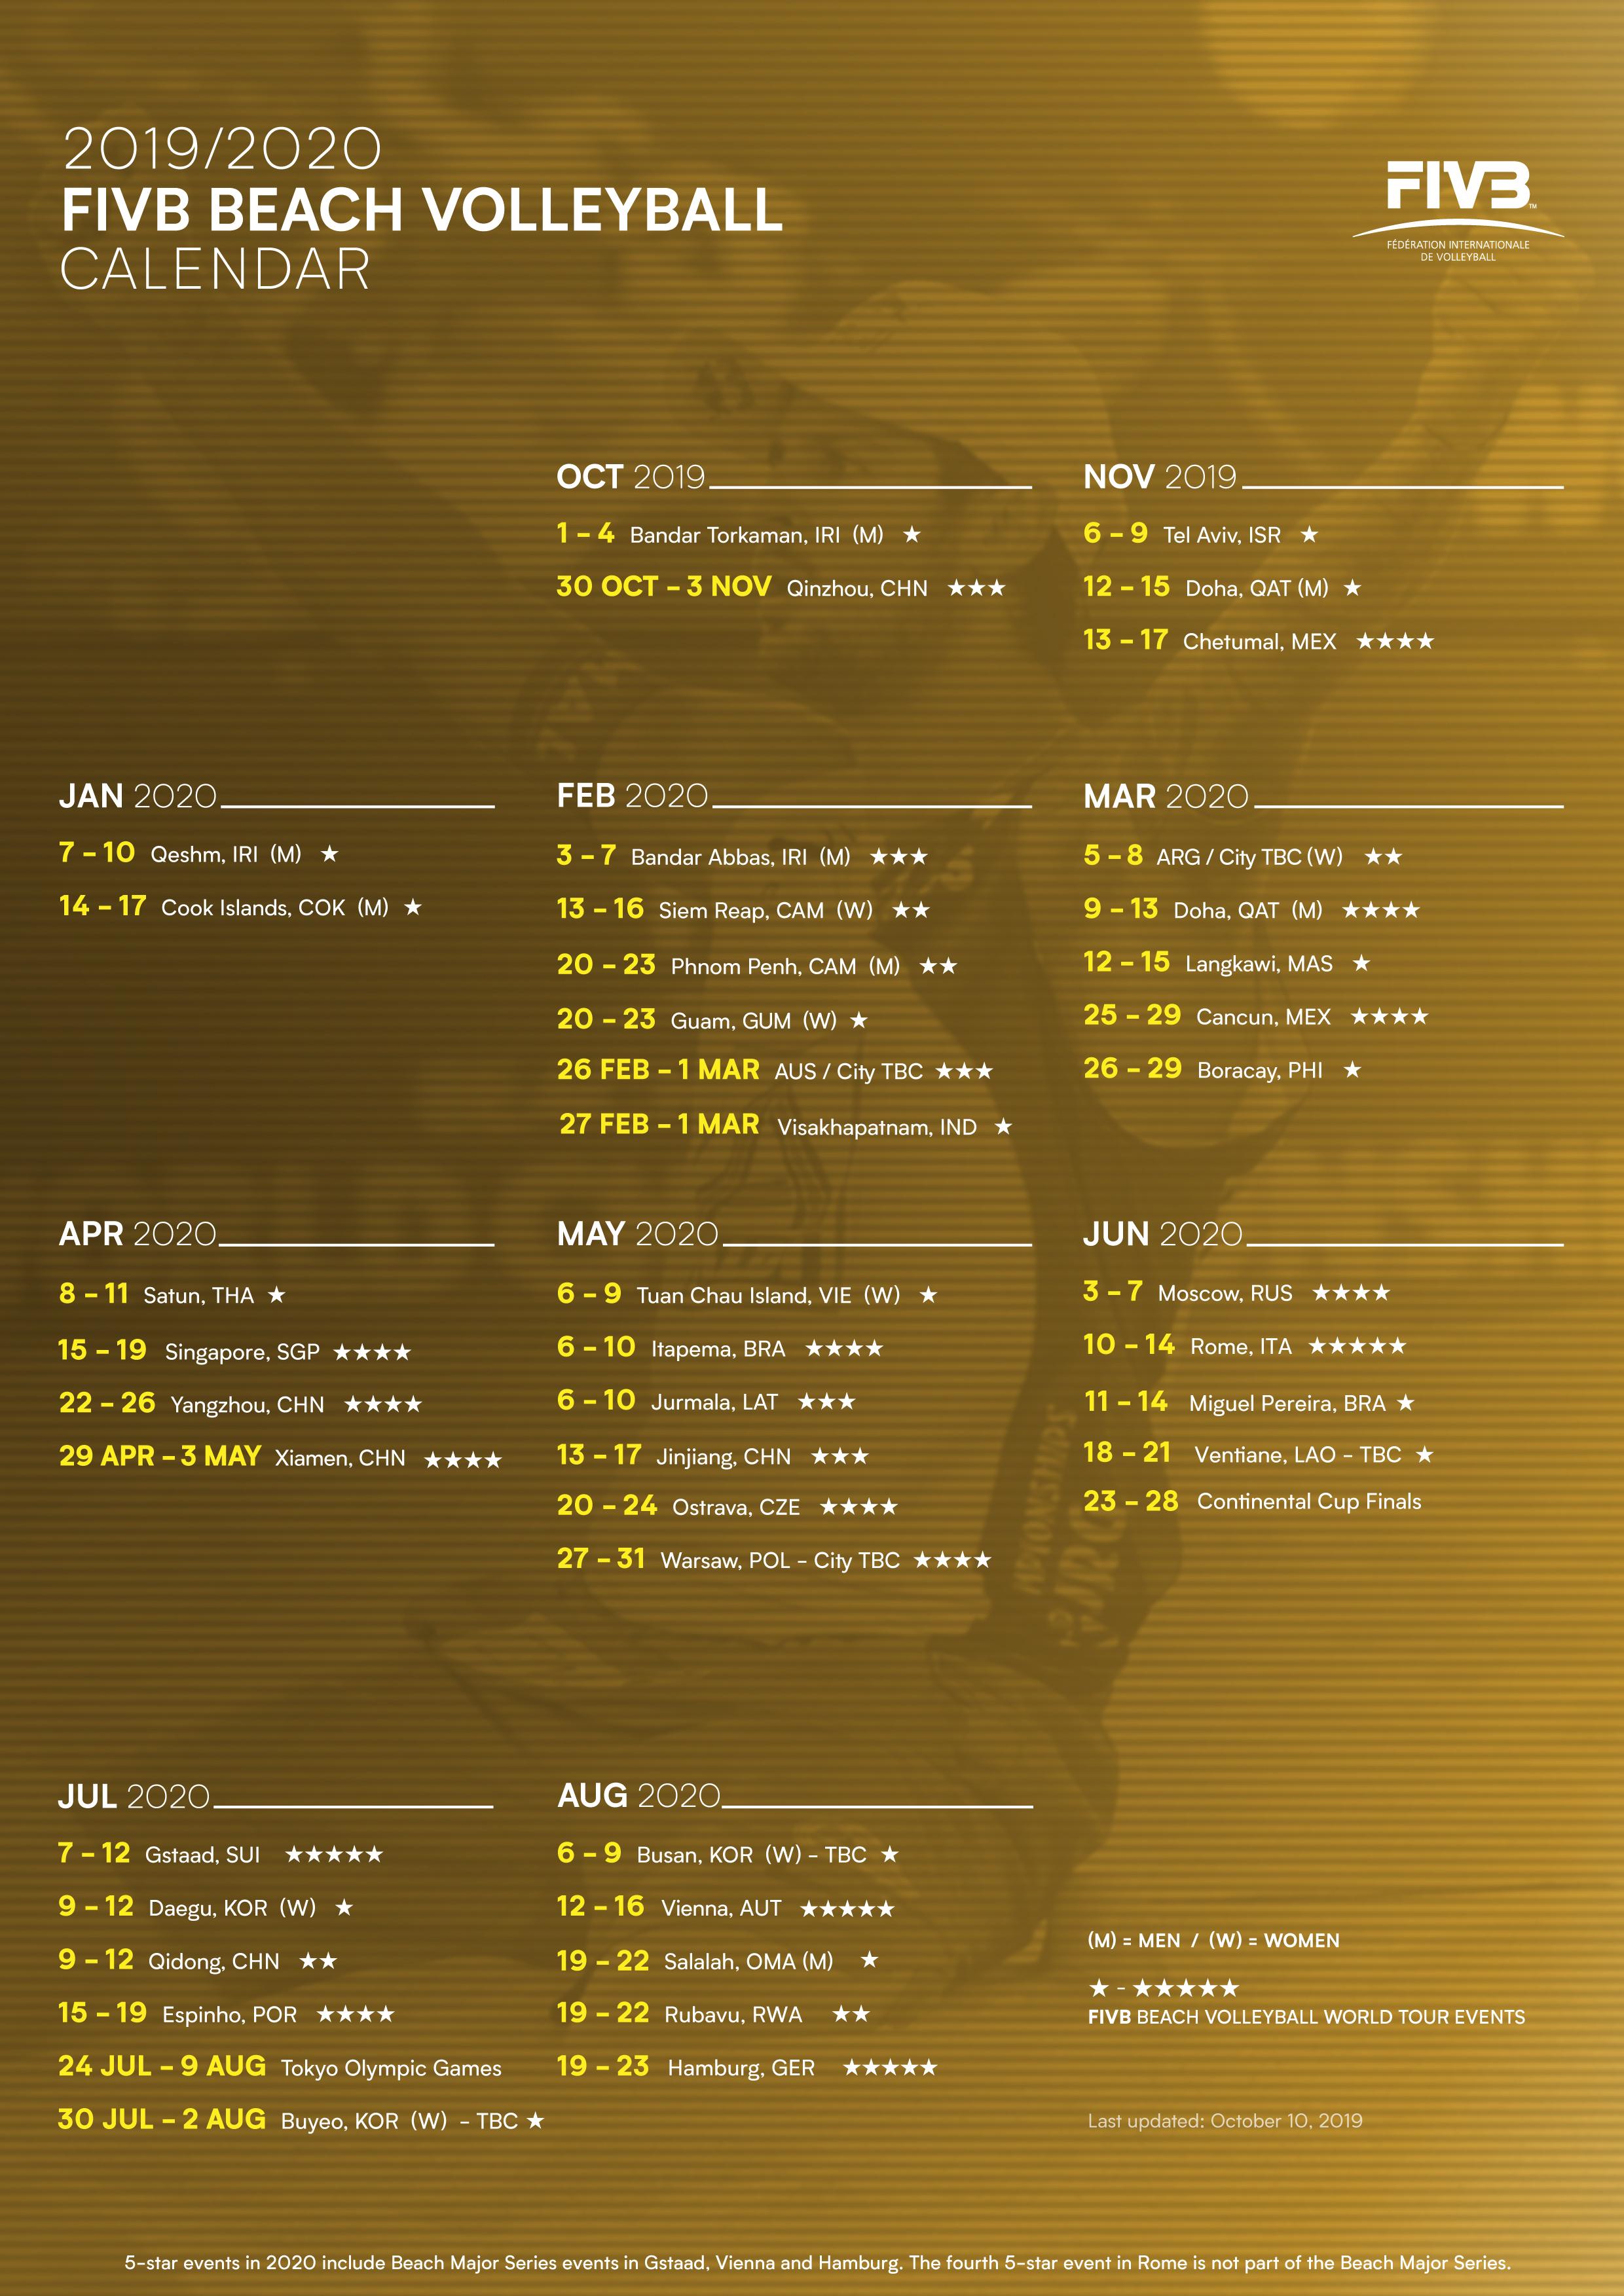 News - 2019-2020 FIVB Beach Volleyball World Tour Calendar announced for Olympic season